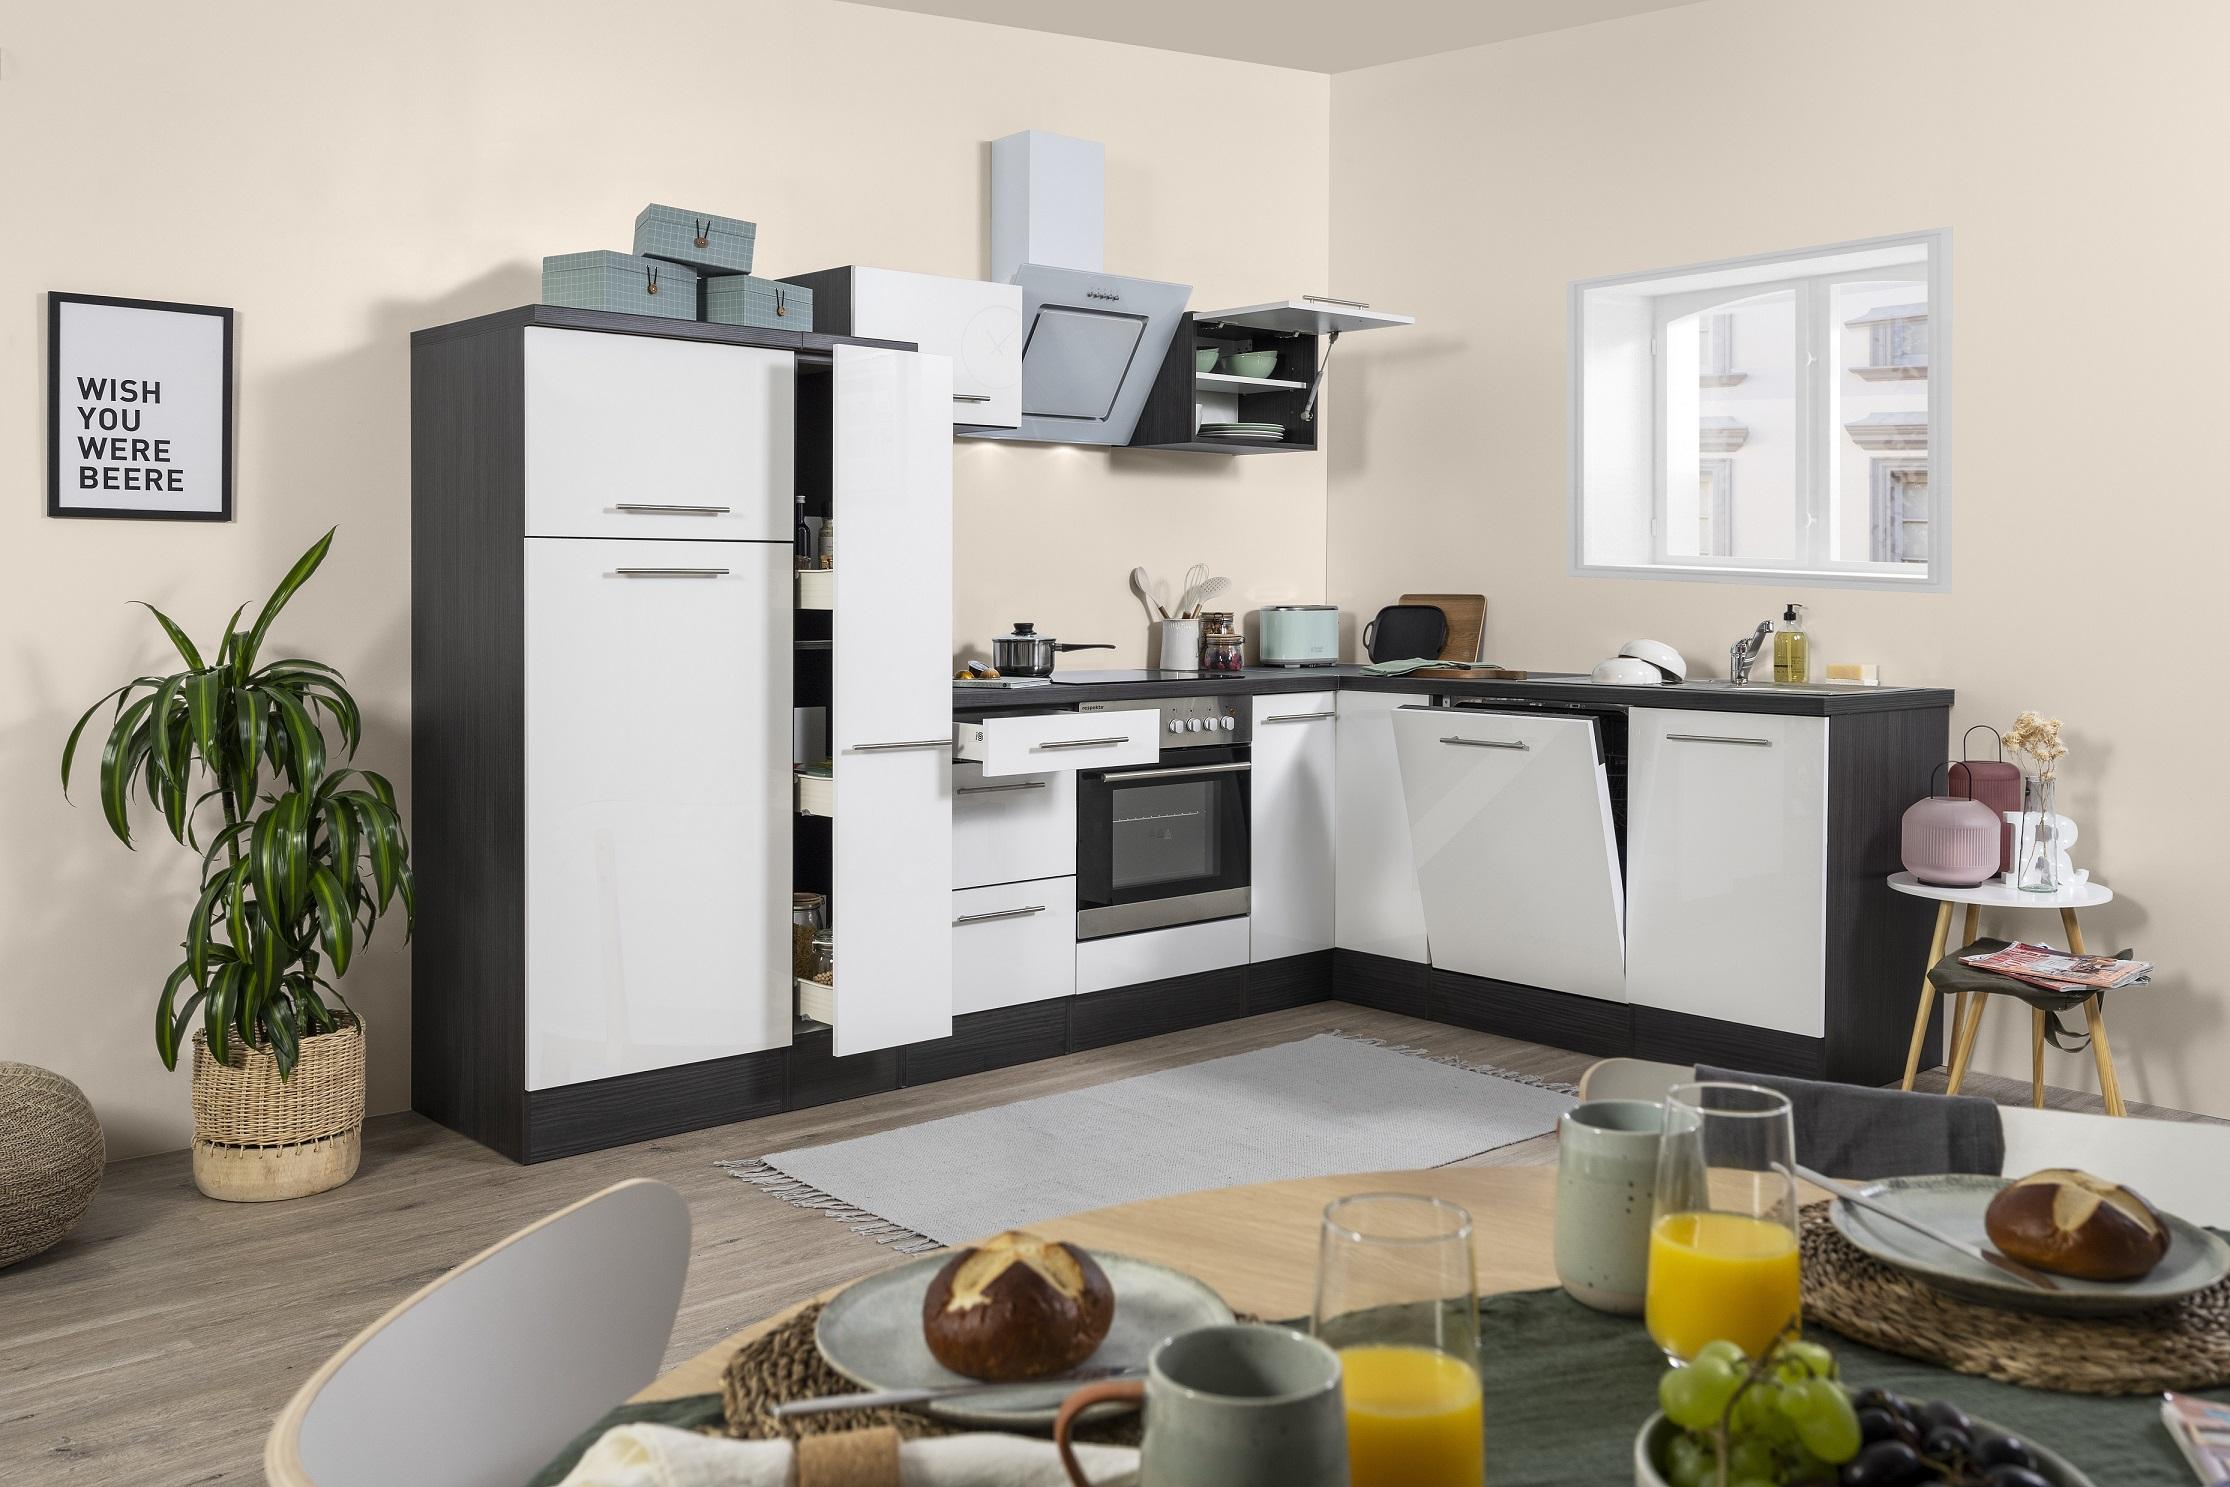 Winkelküche Küchenzeile L-Form Küche Einbauküche Eiche weiß 290x200 cm respekta